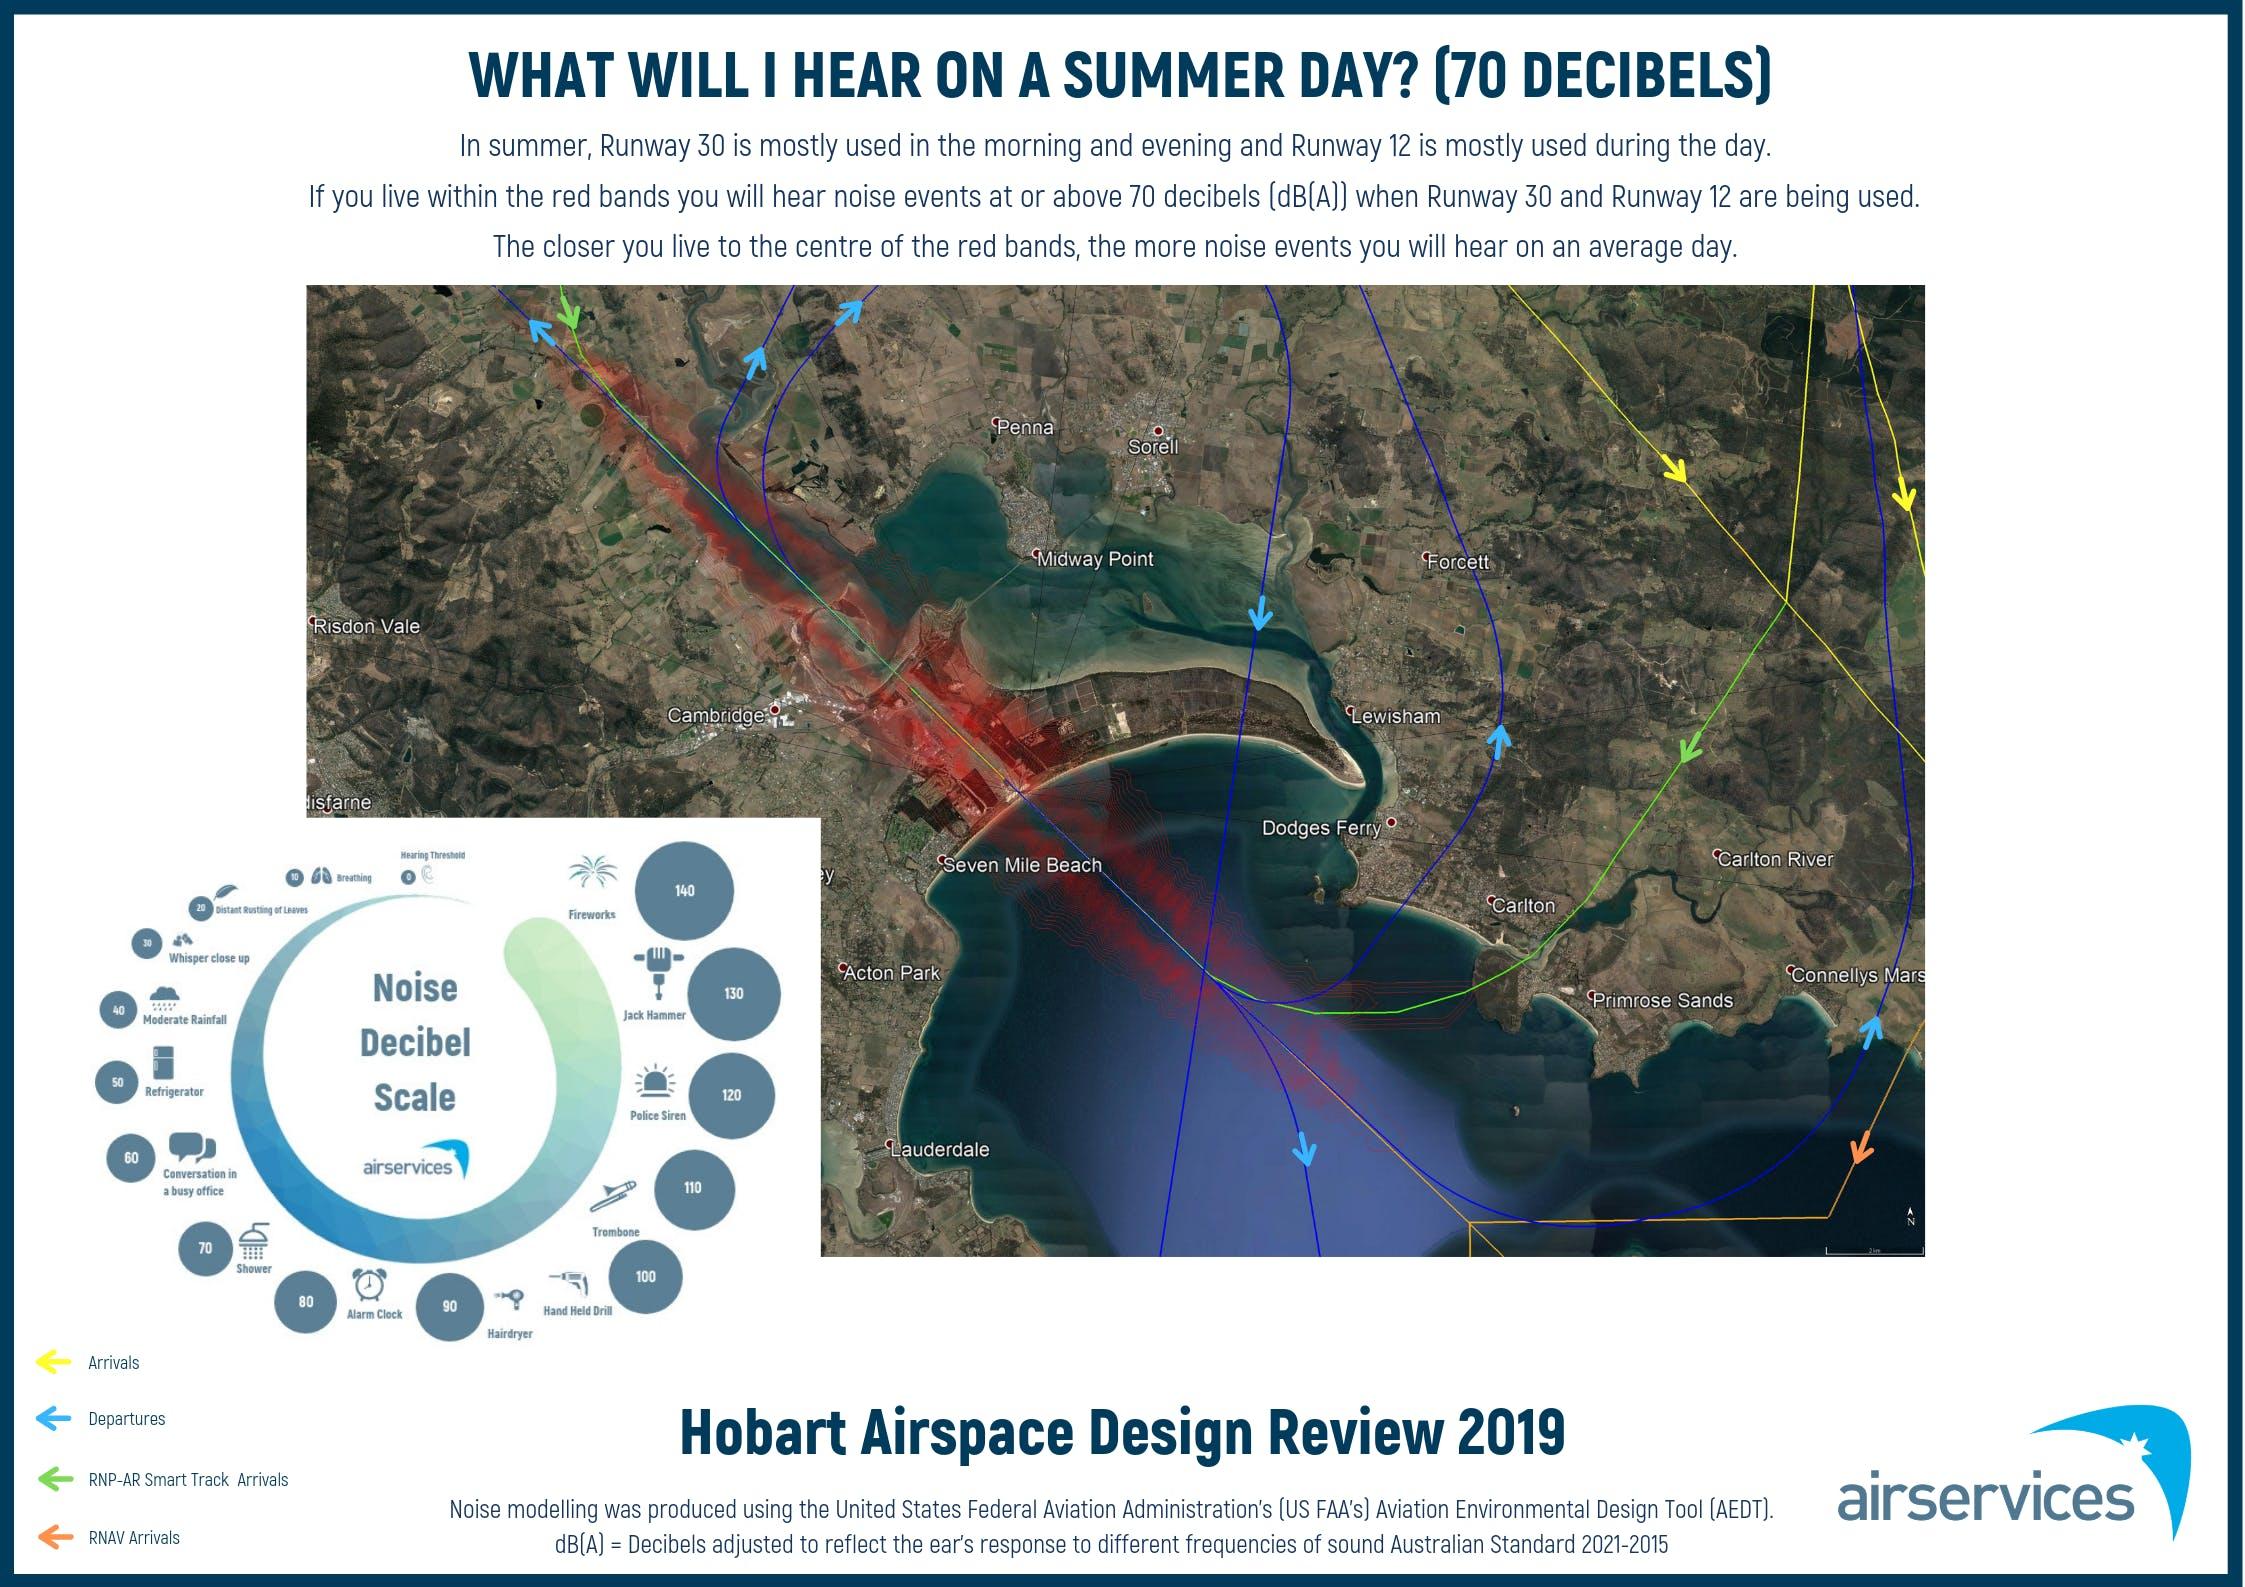 What will I hear: Summer - 70 Decibels